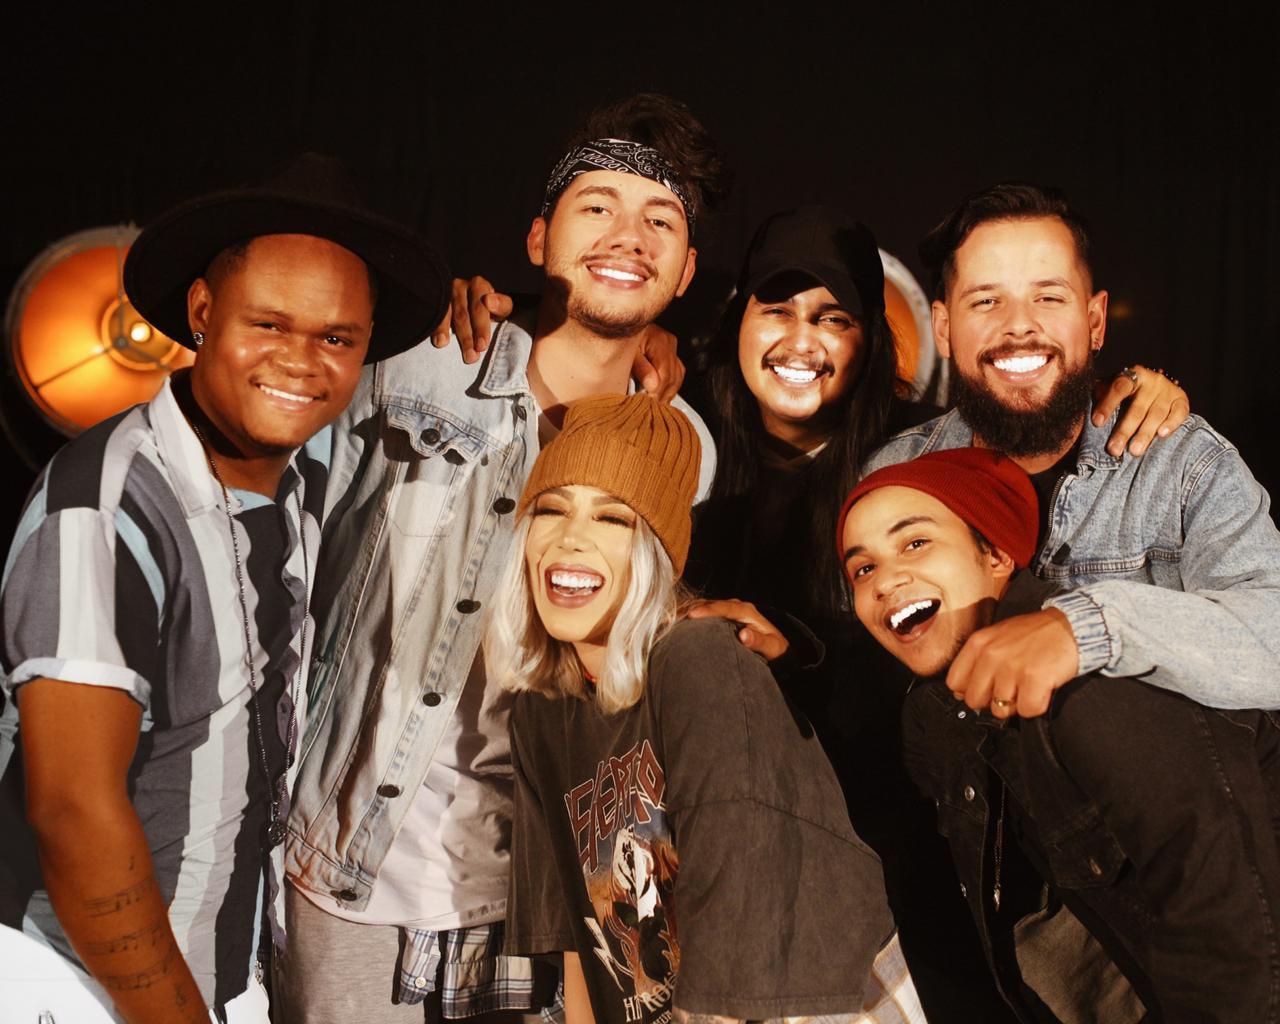 Casa Worship estreia com nova música em #3 nos vídeos mais vistos do YouTube Brasil